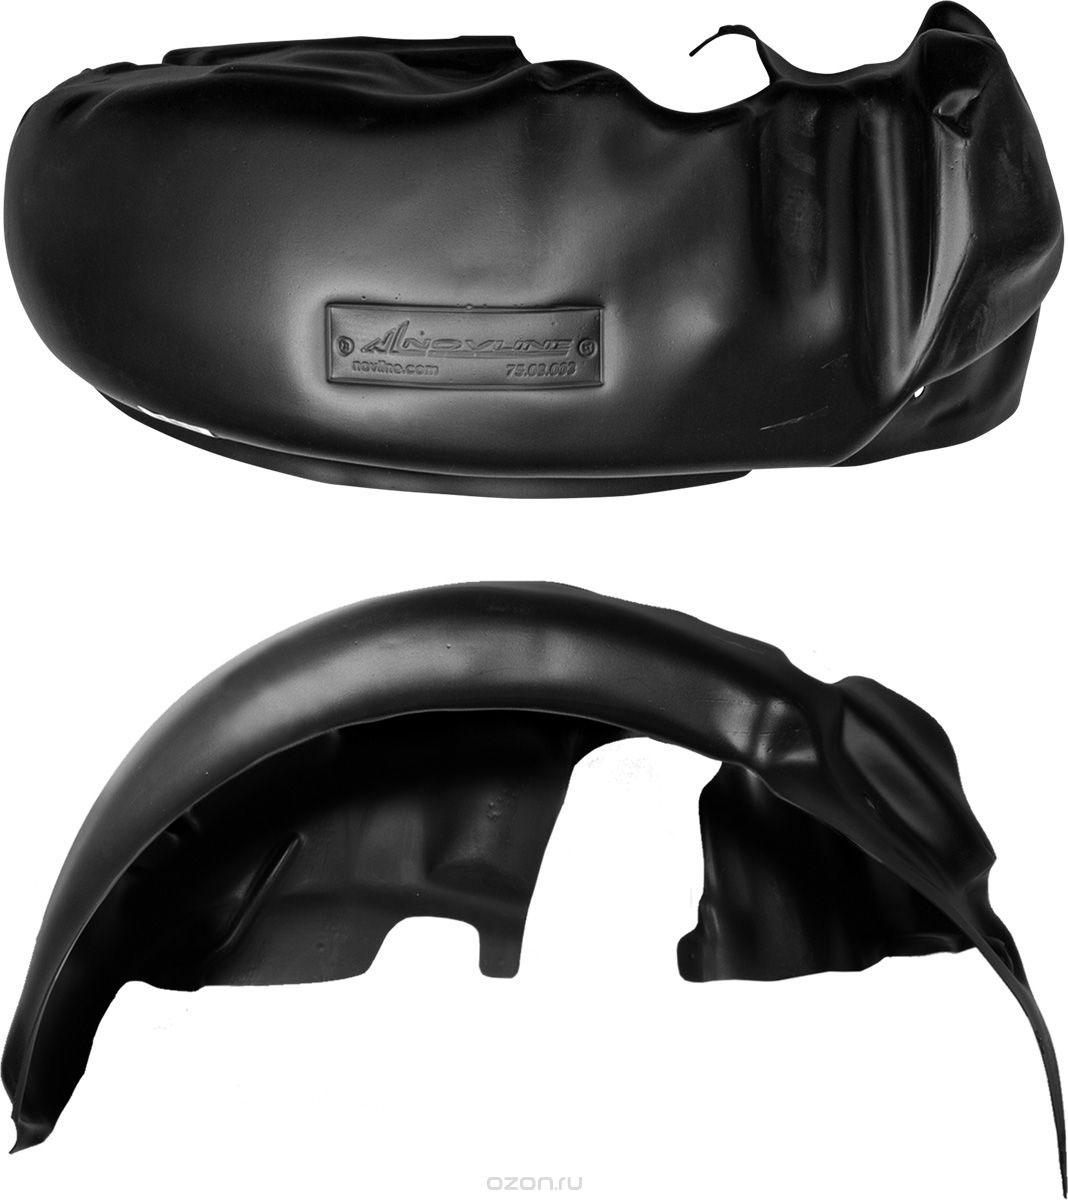 Подкрылок Novline-Autofamily, для Chery Tiggo, 01/2006-2013, 2013->, задний левыйNLL.63.03.003Идеальная защита колесной ниши. Локеры разработаны с применением цифровых технологий, гарантируют максимальную повторяемость поверхности арки. Изделия устанавливаются без нарушения лакокрасочного покрытия автомобиля, каждый подкрылок комплектуется крепежом. Уважаемые клиенты, обращаем ваше внимание, что фотографии на подкрылки универсальные и не отражают реальную форму изделия. При этом само изделие идет точно под размер указанного автомобиля.